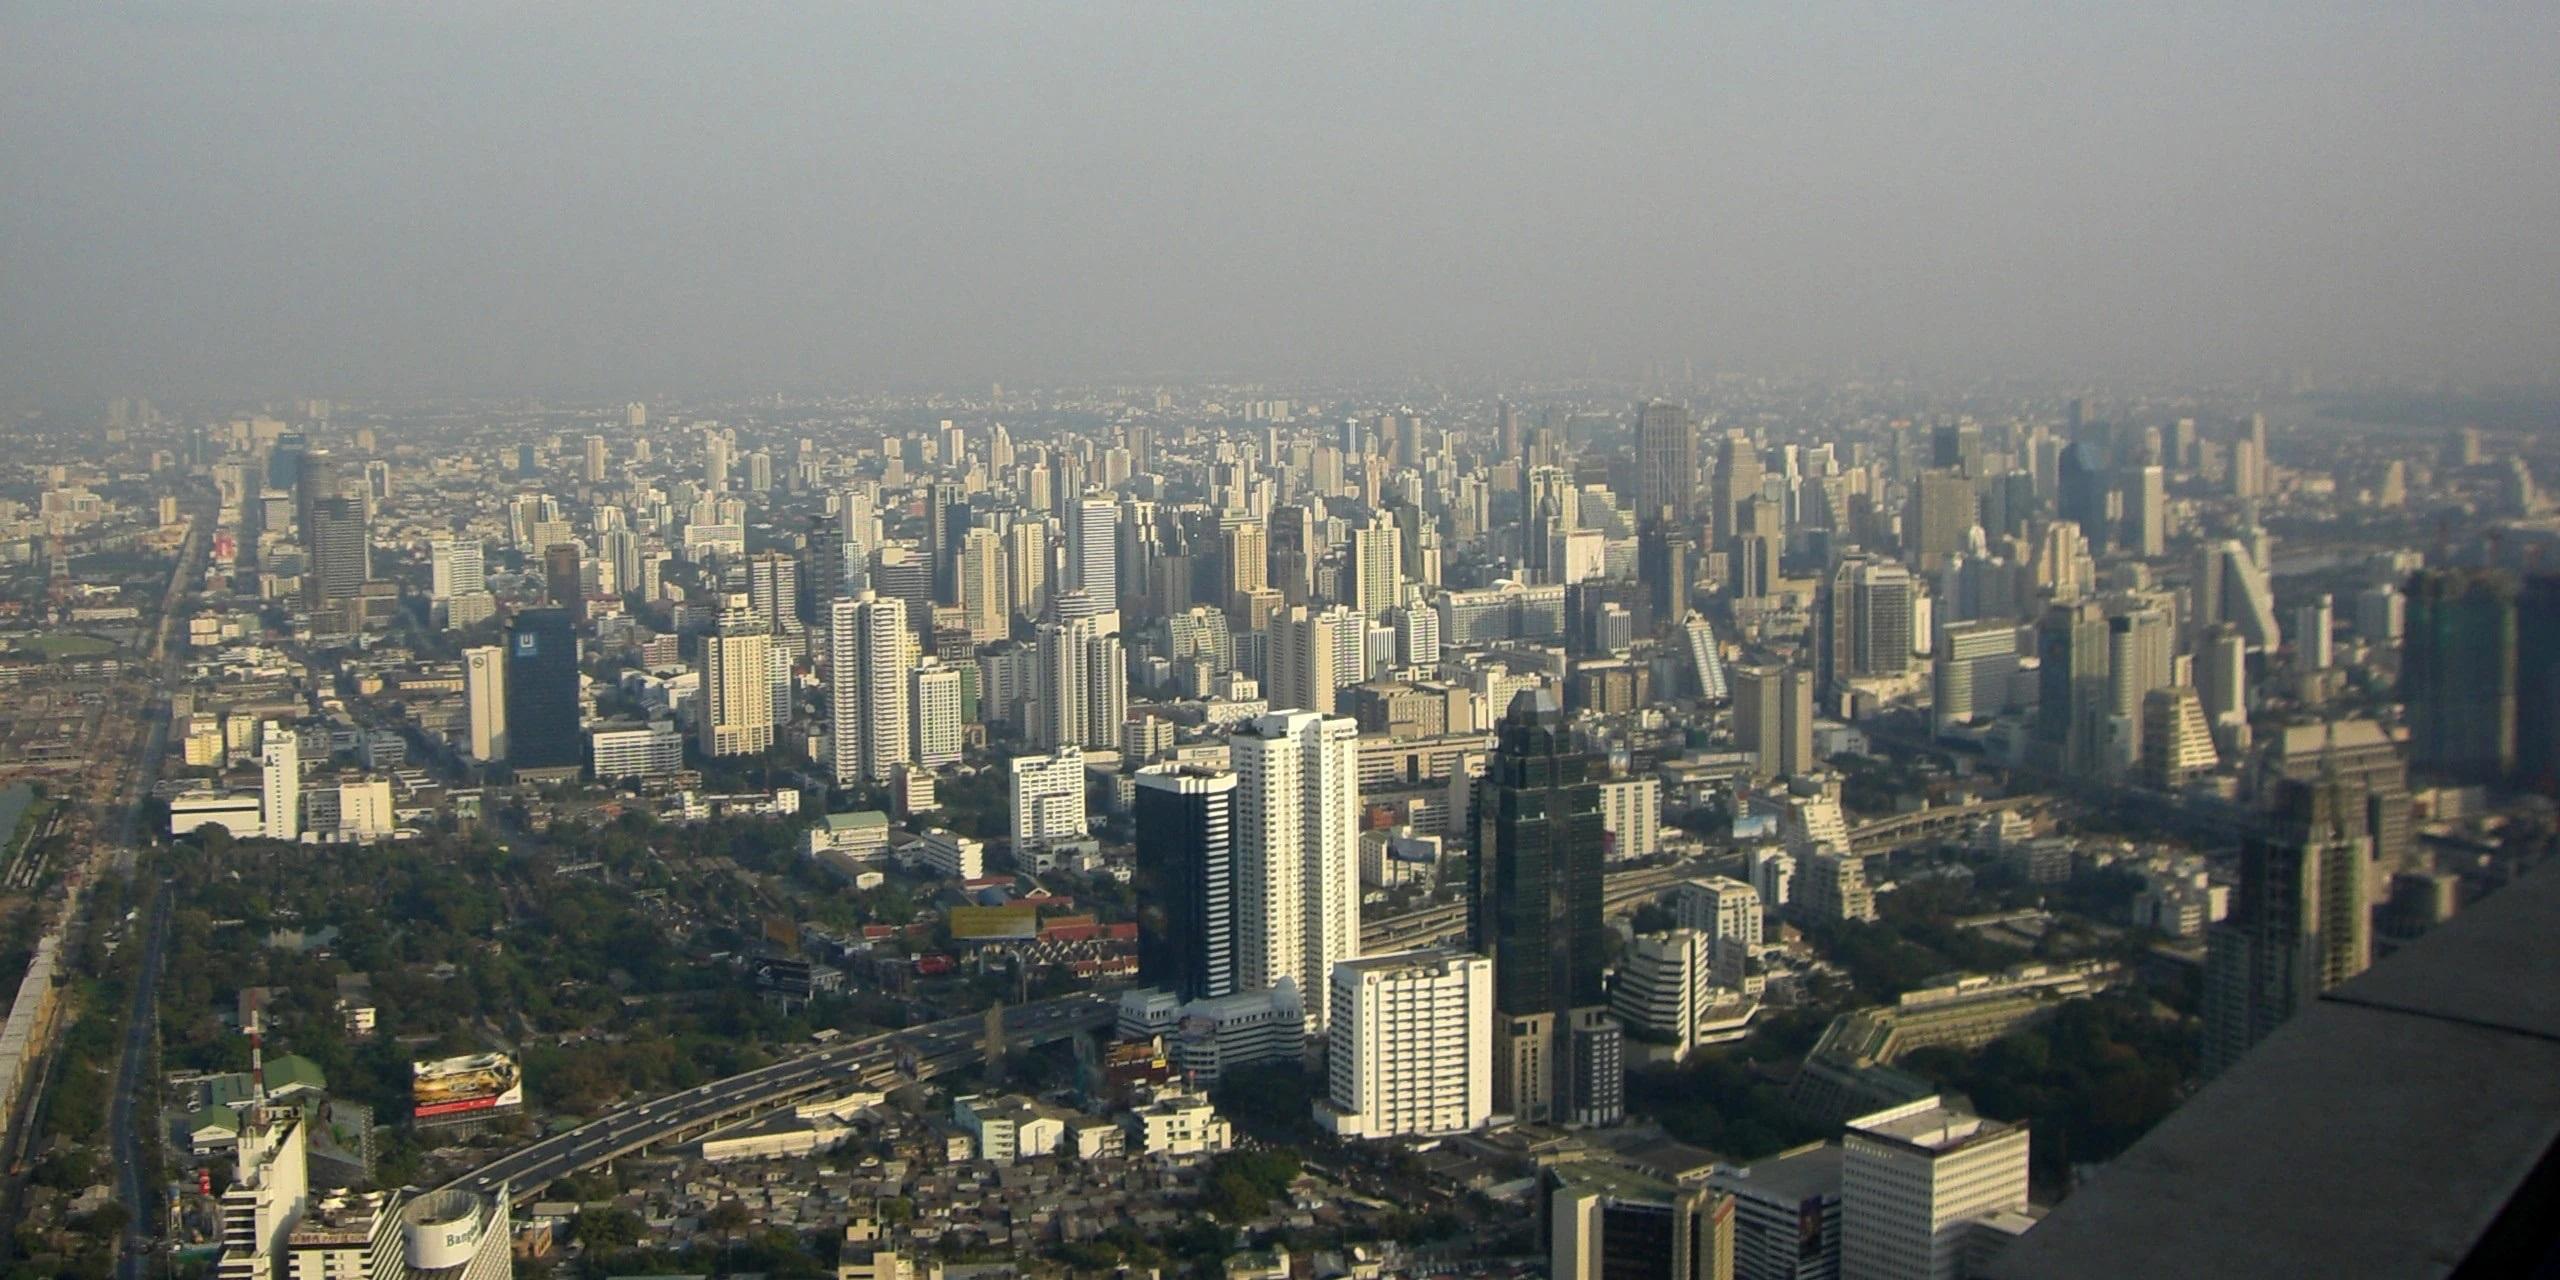 افضل 24 من فنادق بانكوك تايلاند الموصى بها 2020